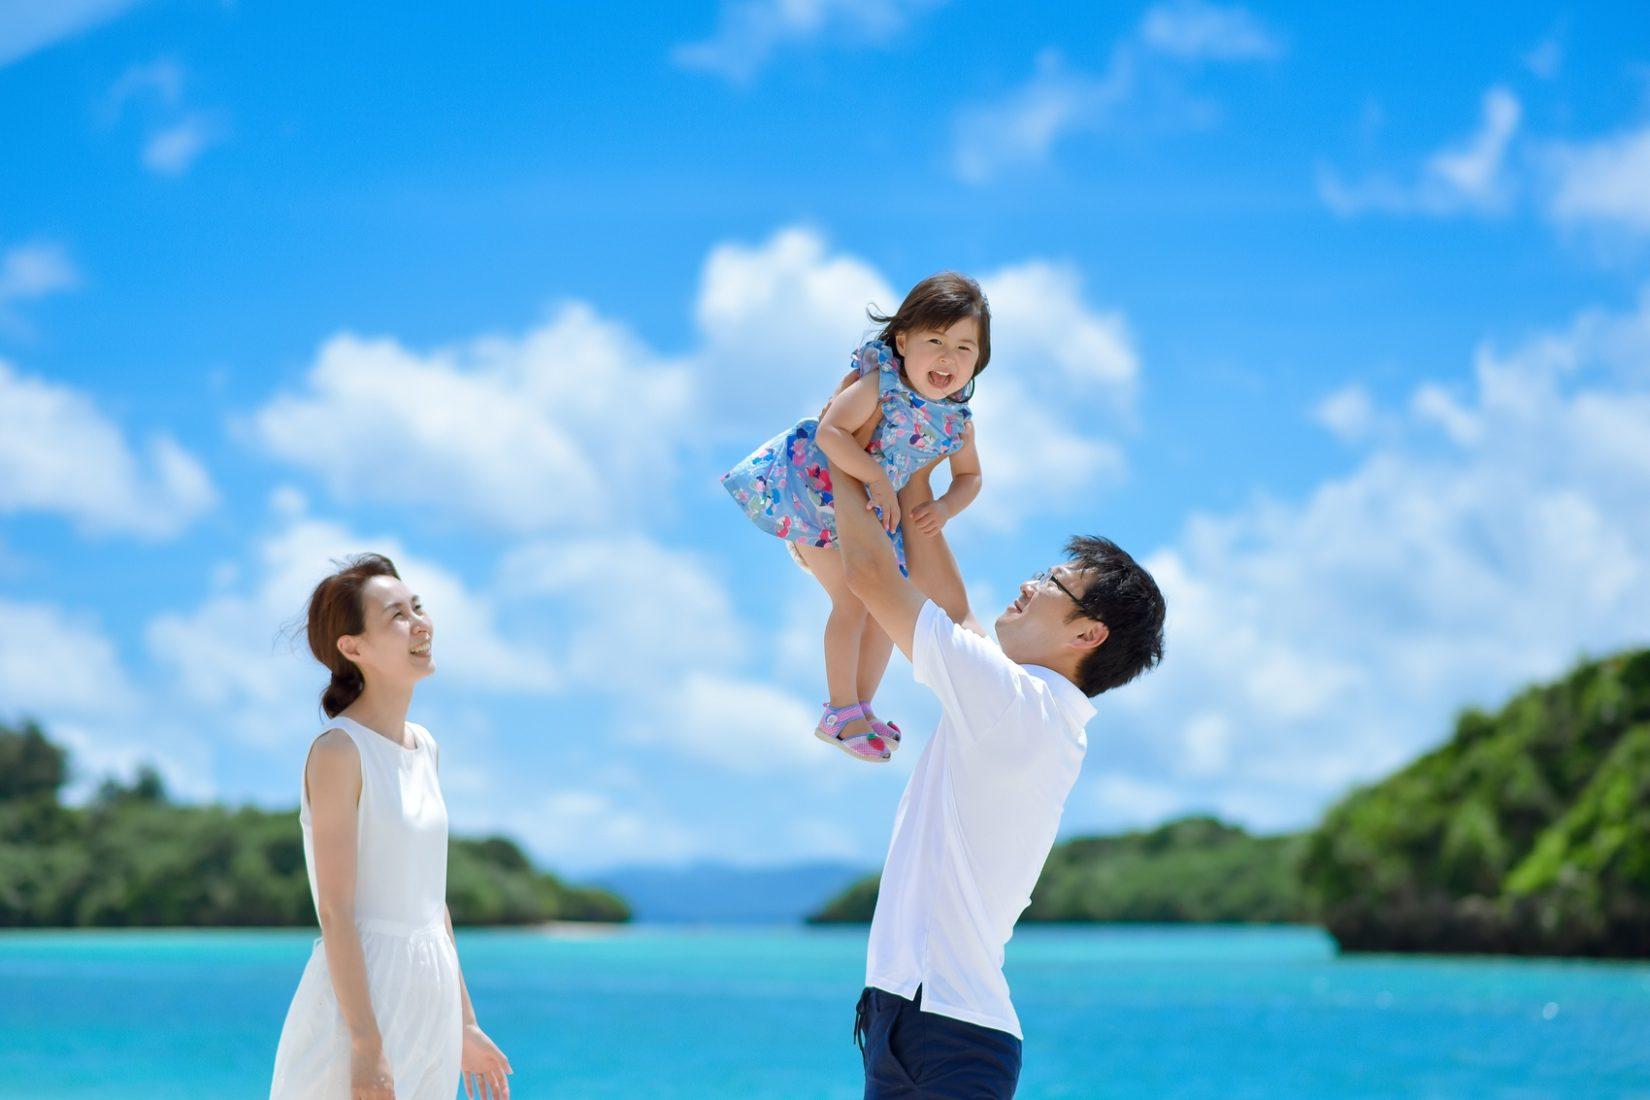 【レポ#24】結婚式をあげた石垣島で♡ R様&Y様&Tちゃんの家族フォト @川平湾